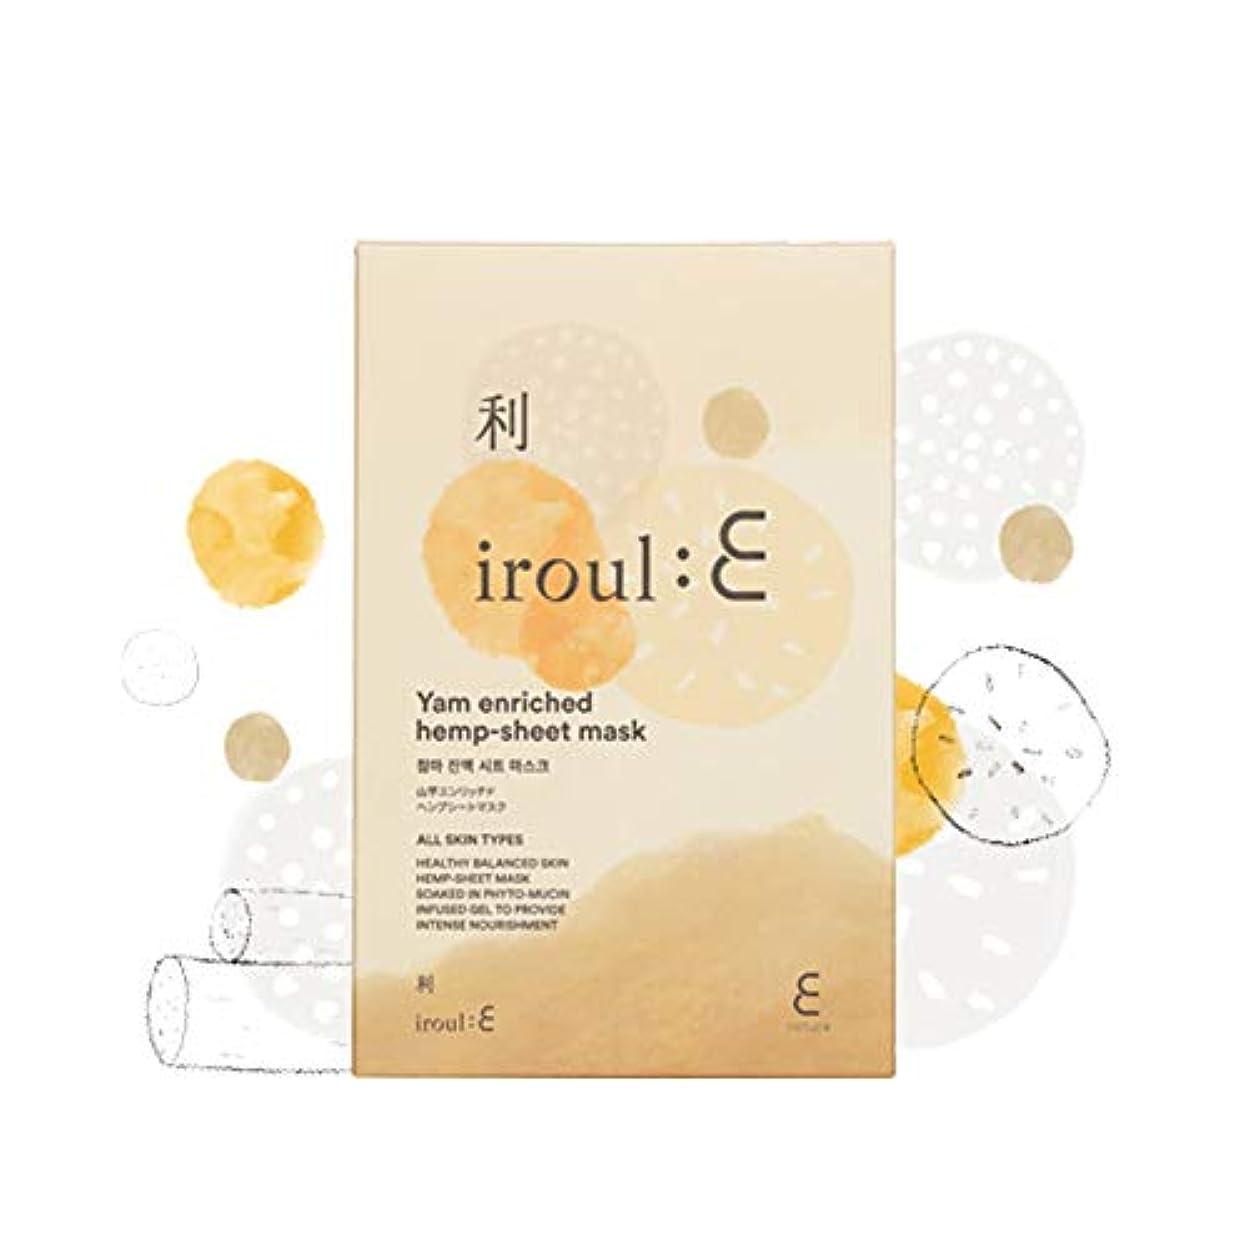 囲むミッションスペイン【ENATURE 日本公式サイト】 Iroul E 山芋エンリッチドヘンプシートマスク 35gx5枚 韓国コスメ スキンケア